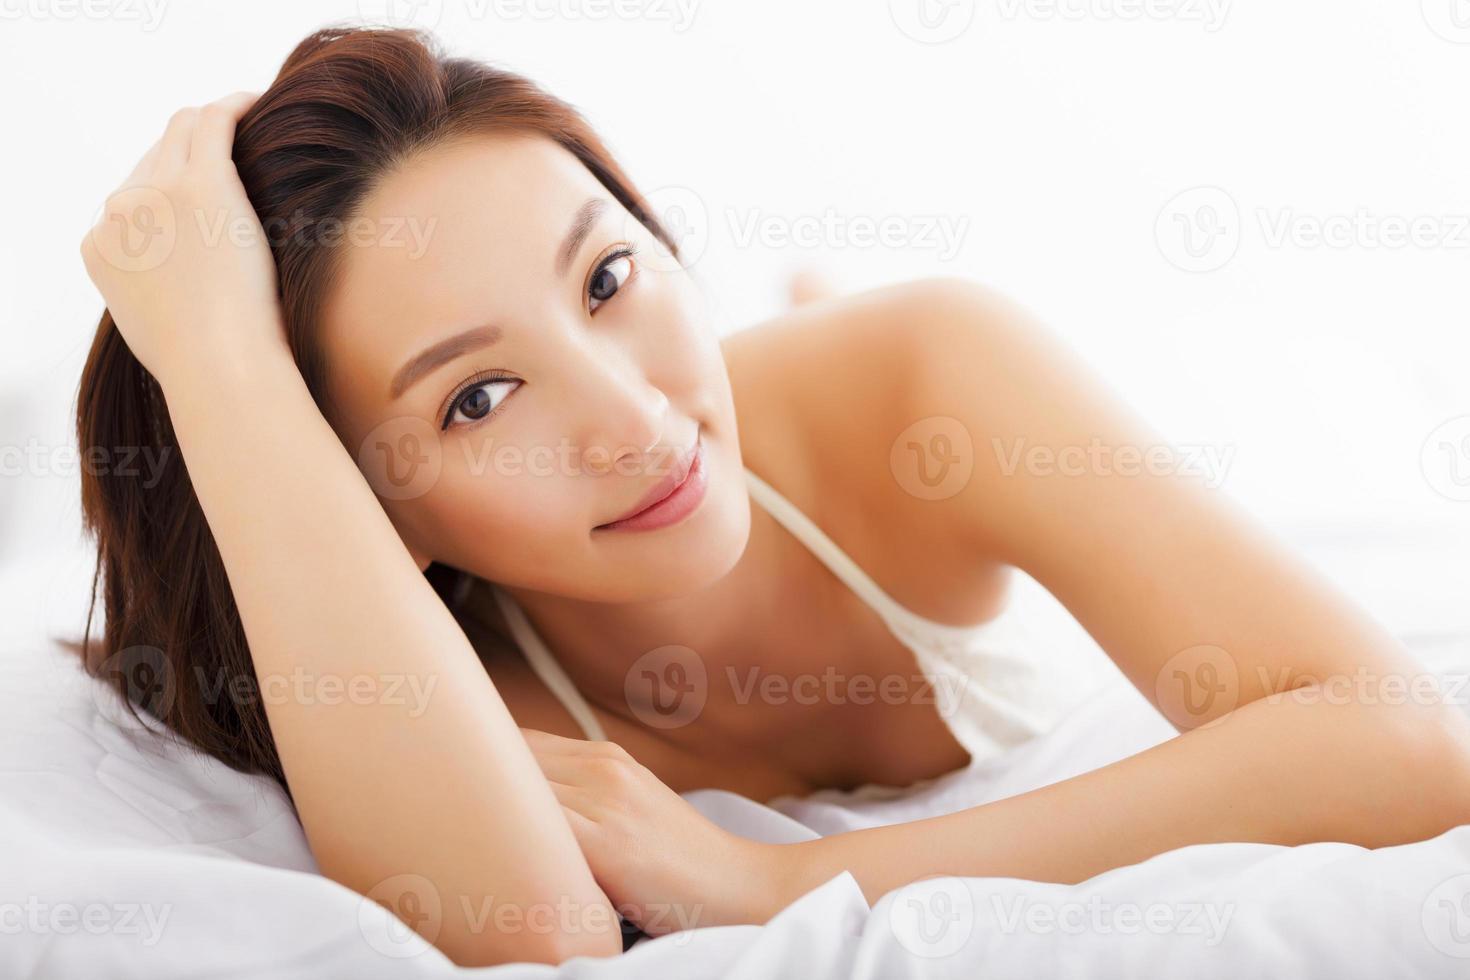 jonge mooie Aziatische vrouw ontspannen op het bed foto